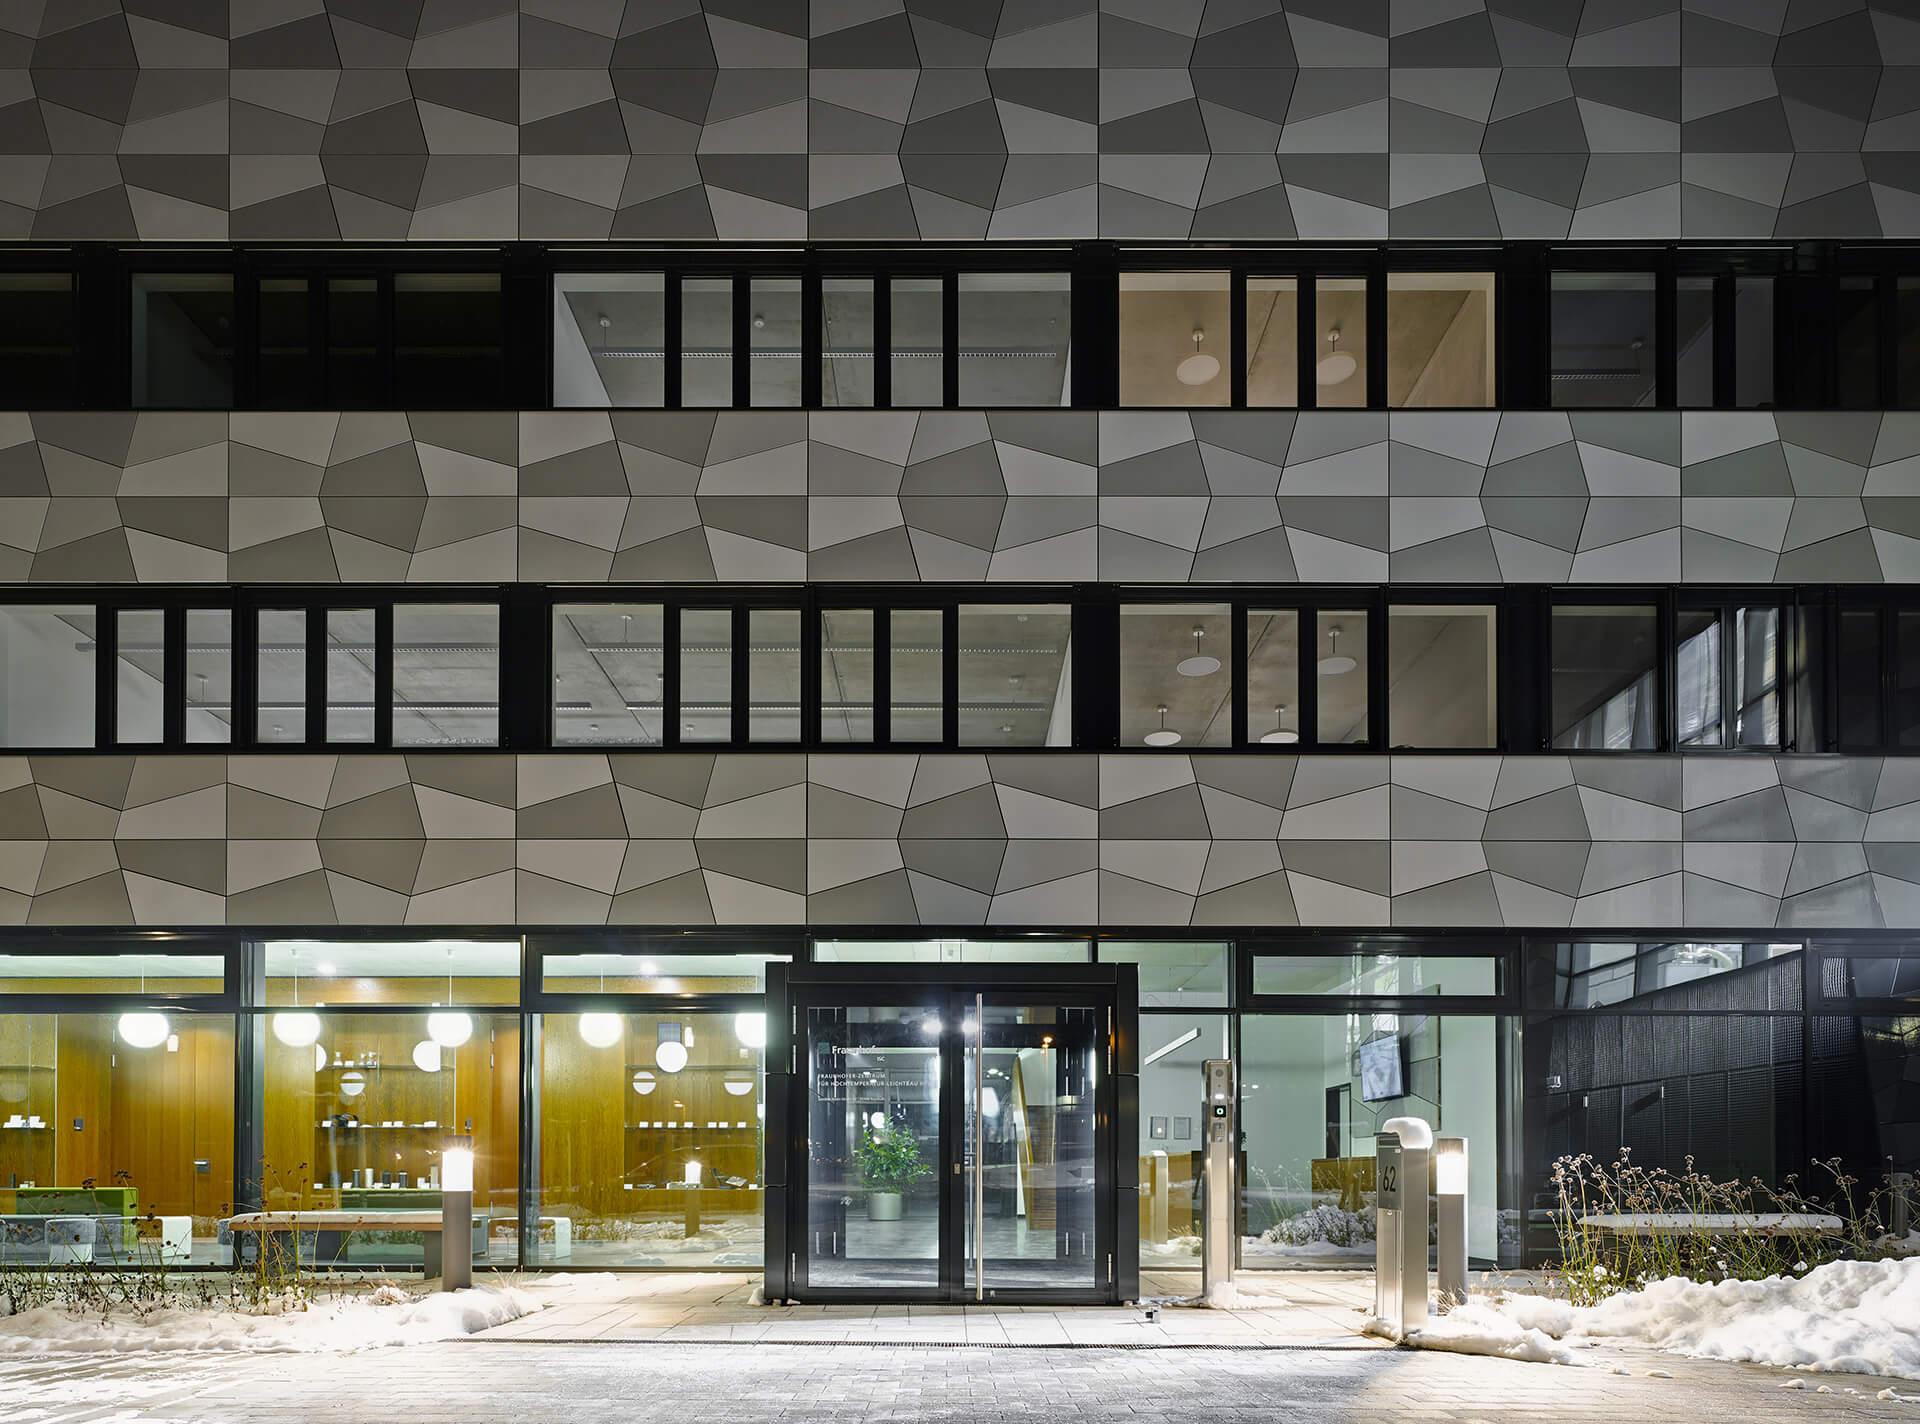 Architekten Bayreuth ksg architekten fraunhofer institut bayreuth